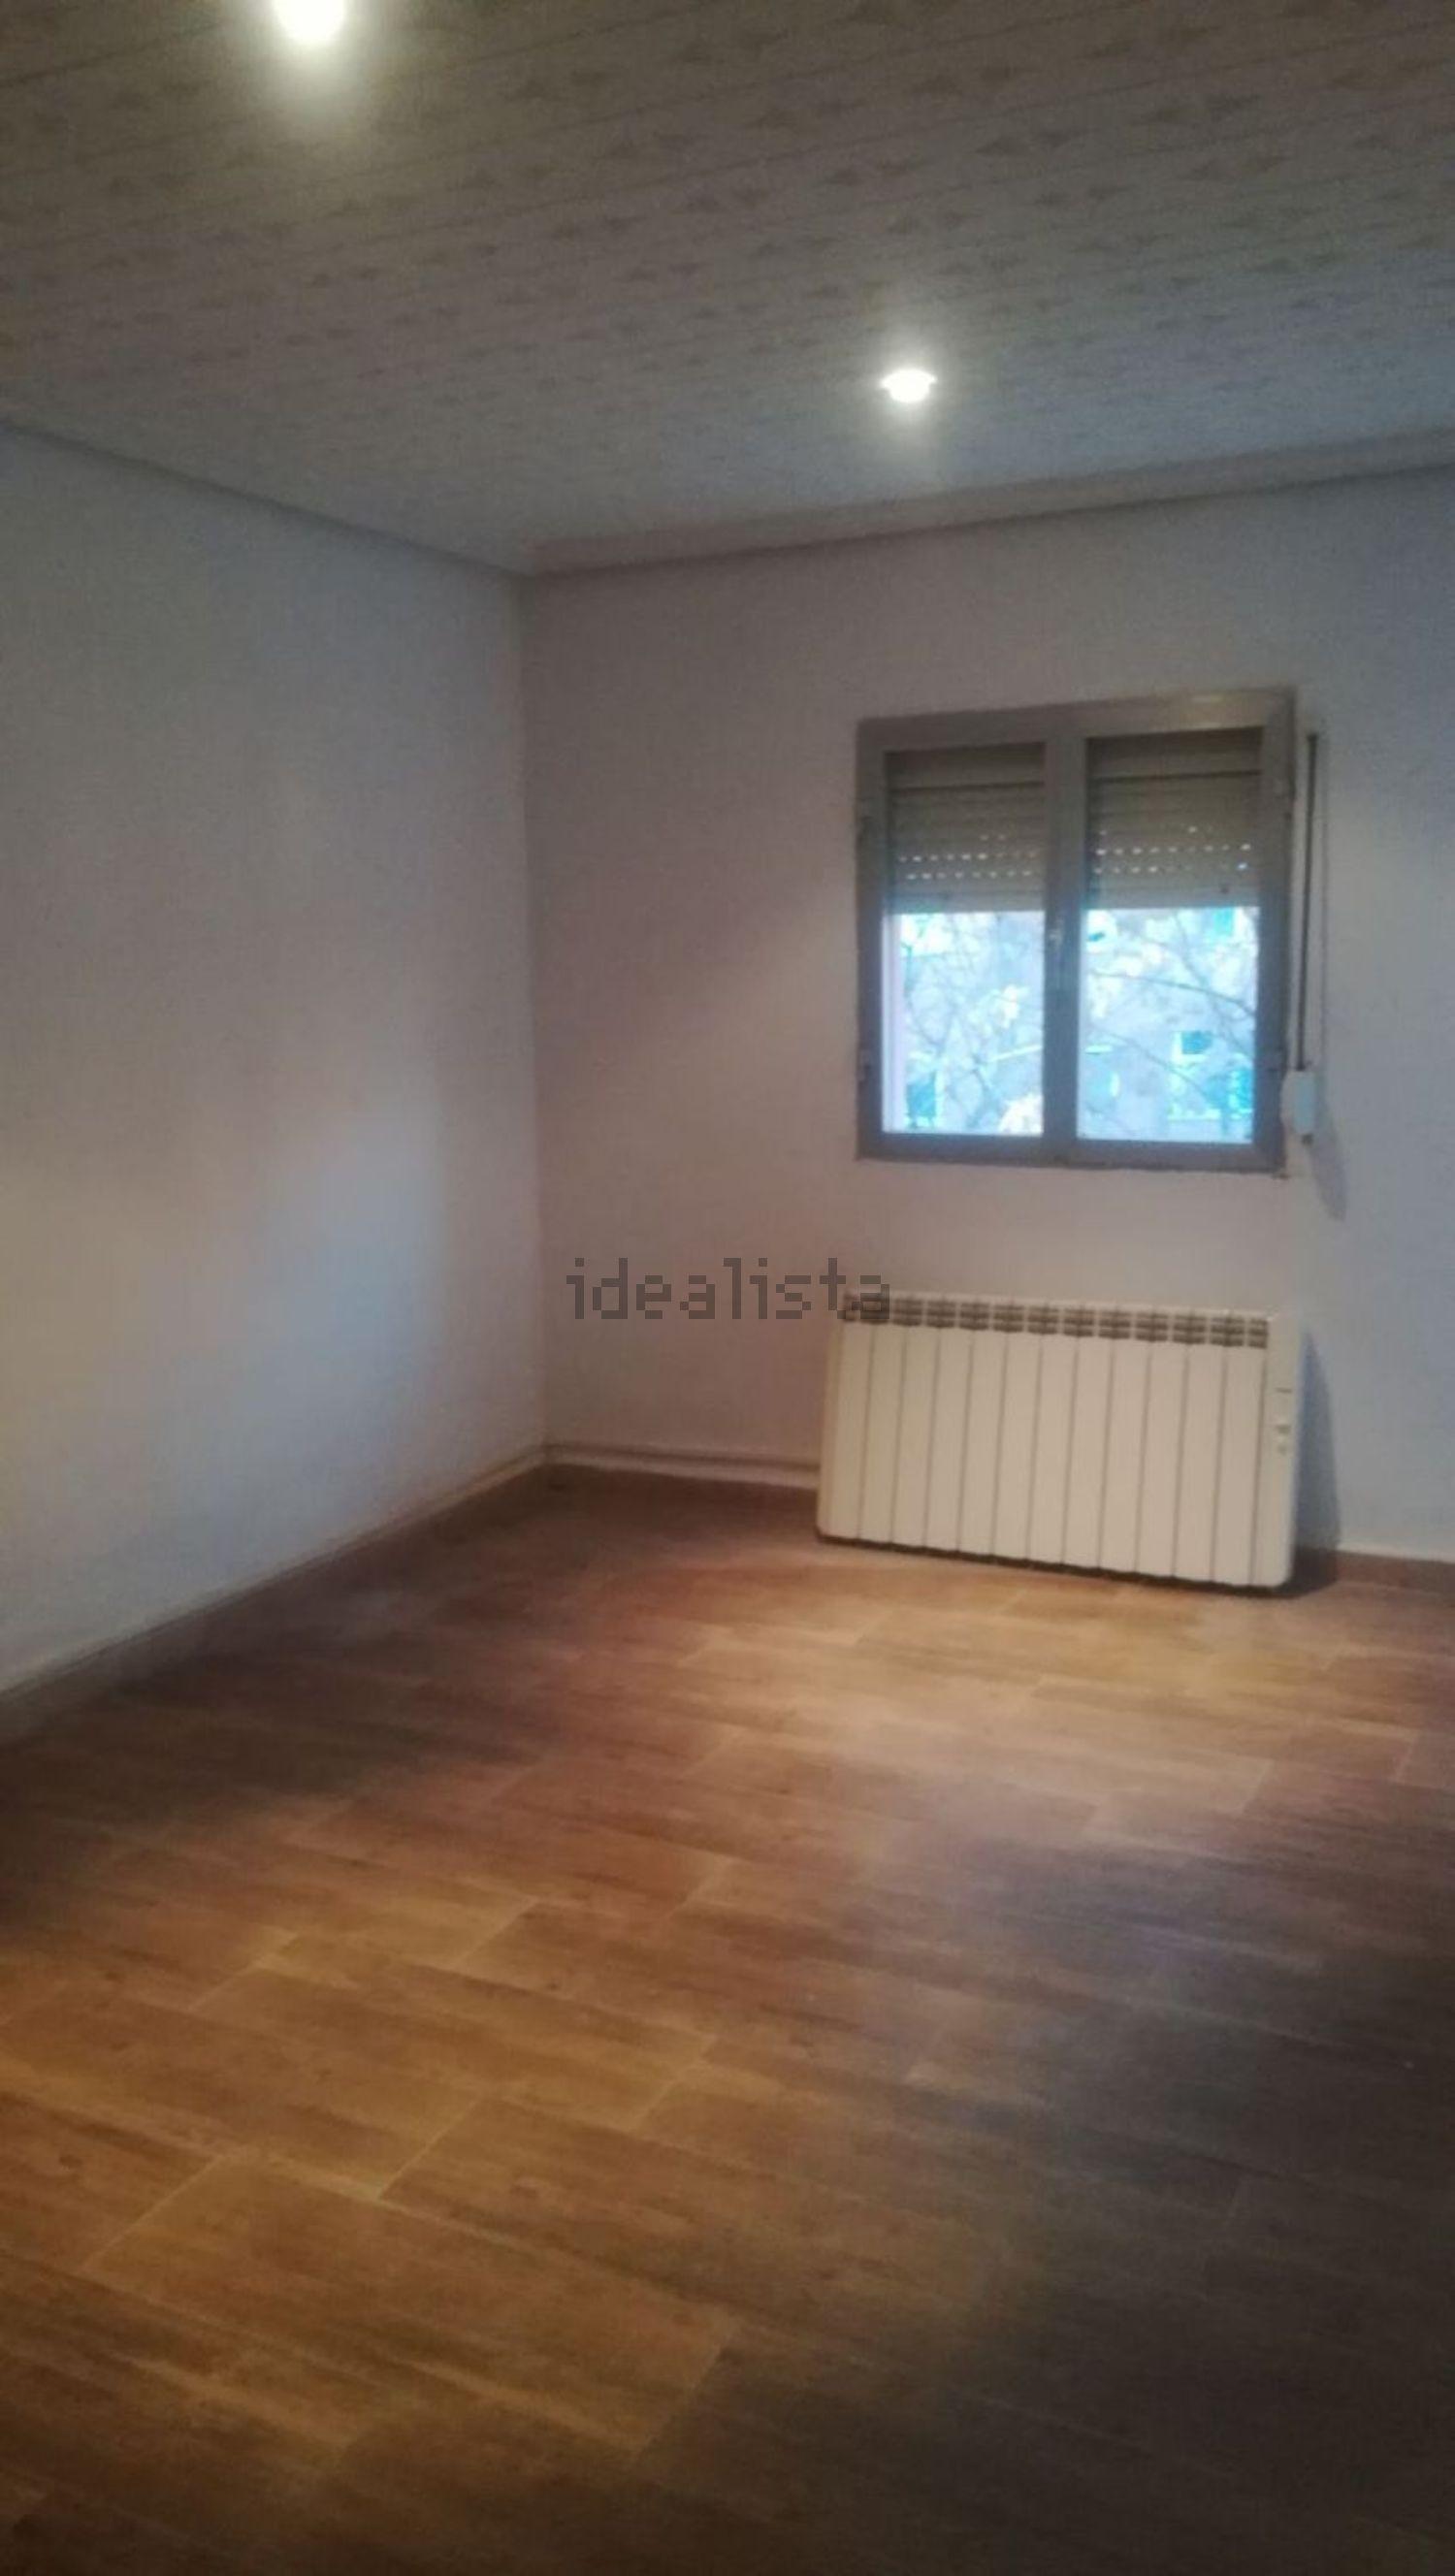 Alquiler de pisos en valdemoro cheap alquiler de pisos en - Pisos baratos en valdemoro ...